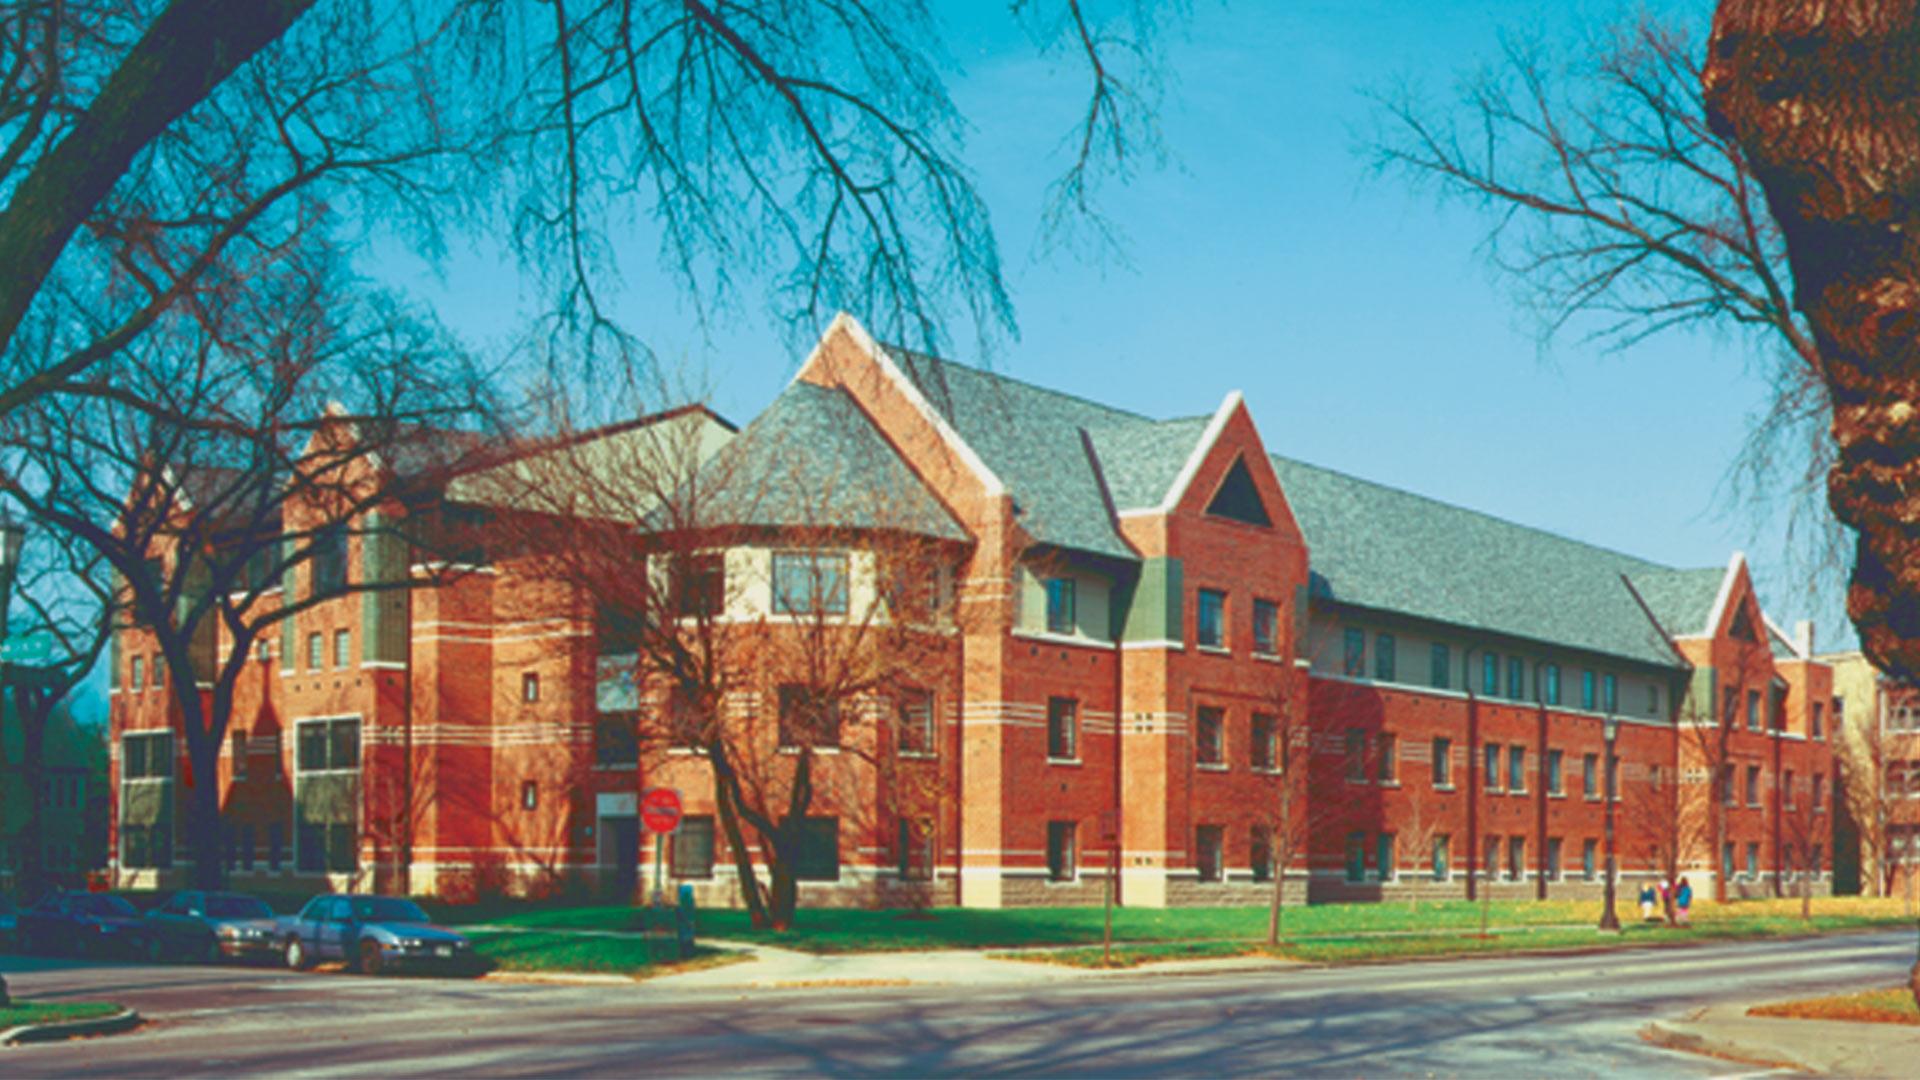 Children's Home & Aid Society Rice Children's Center- District 65 School